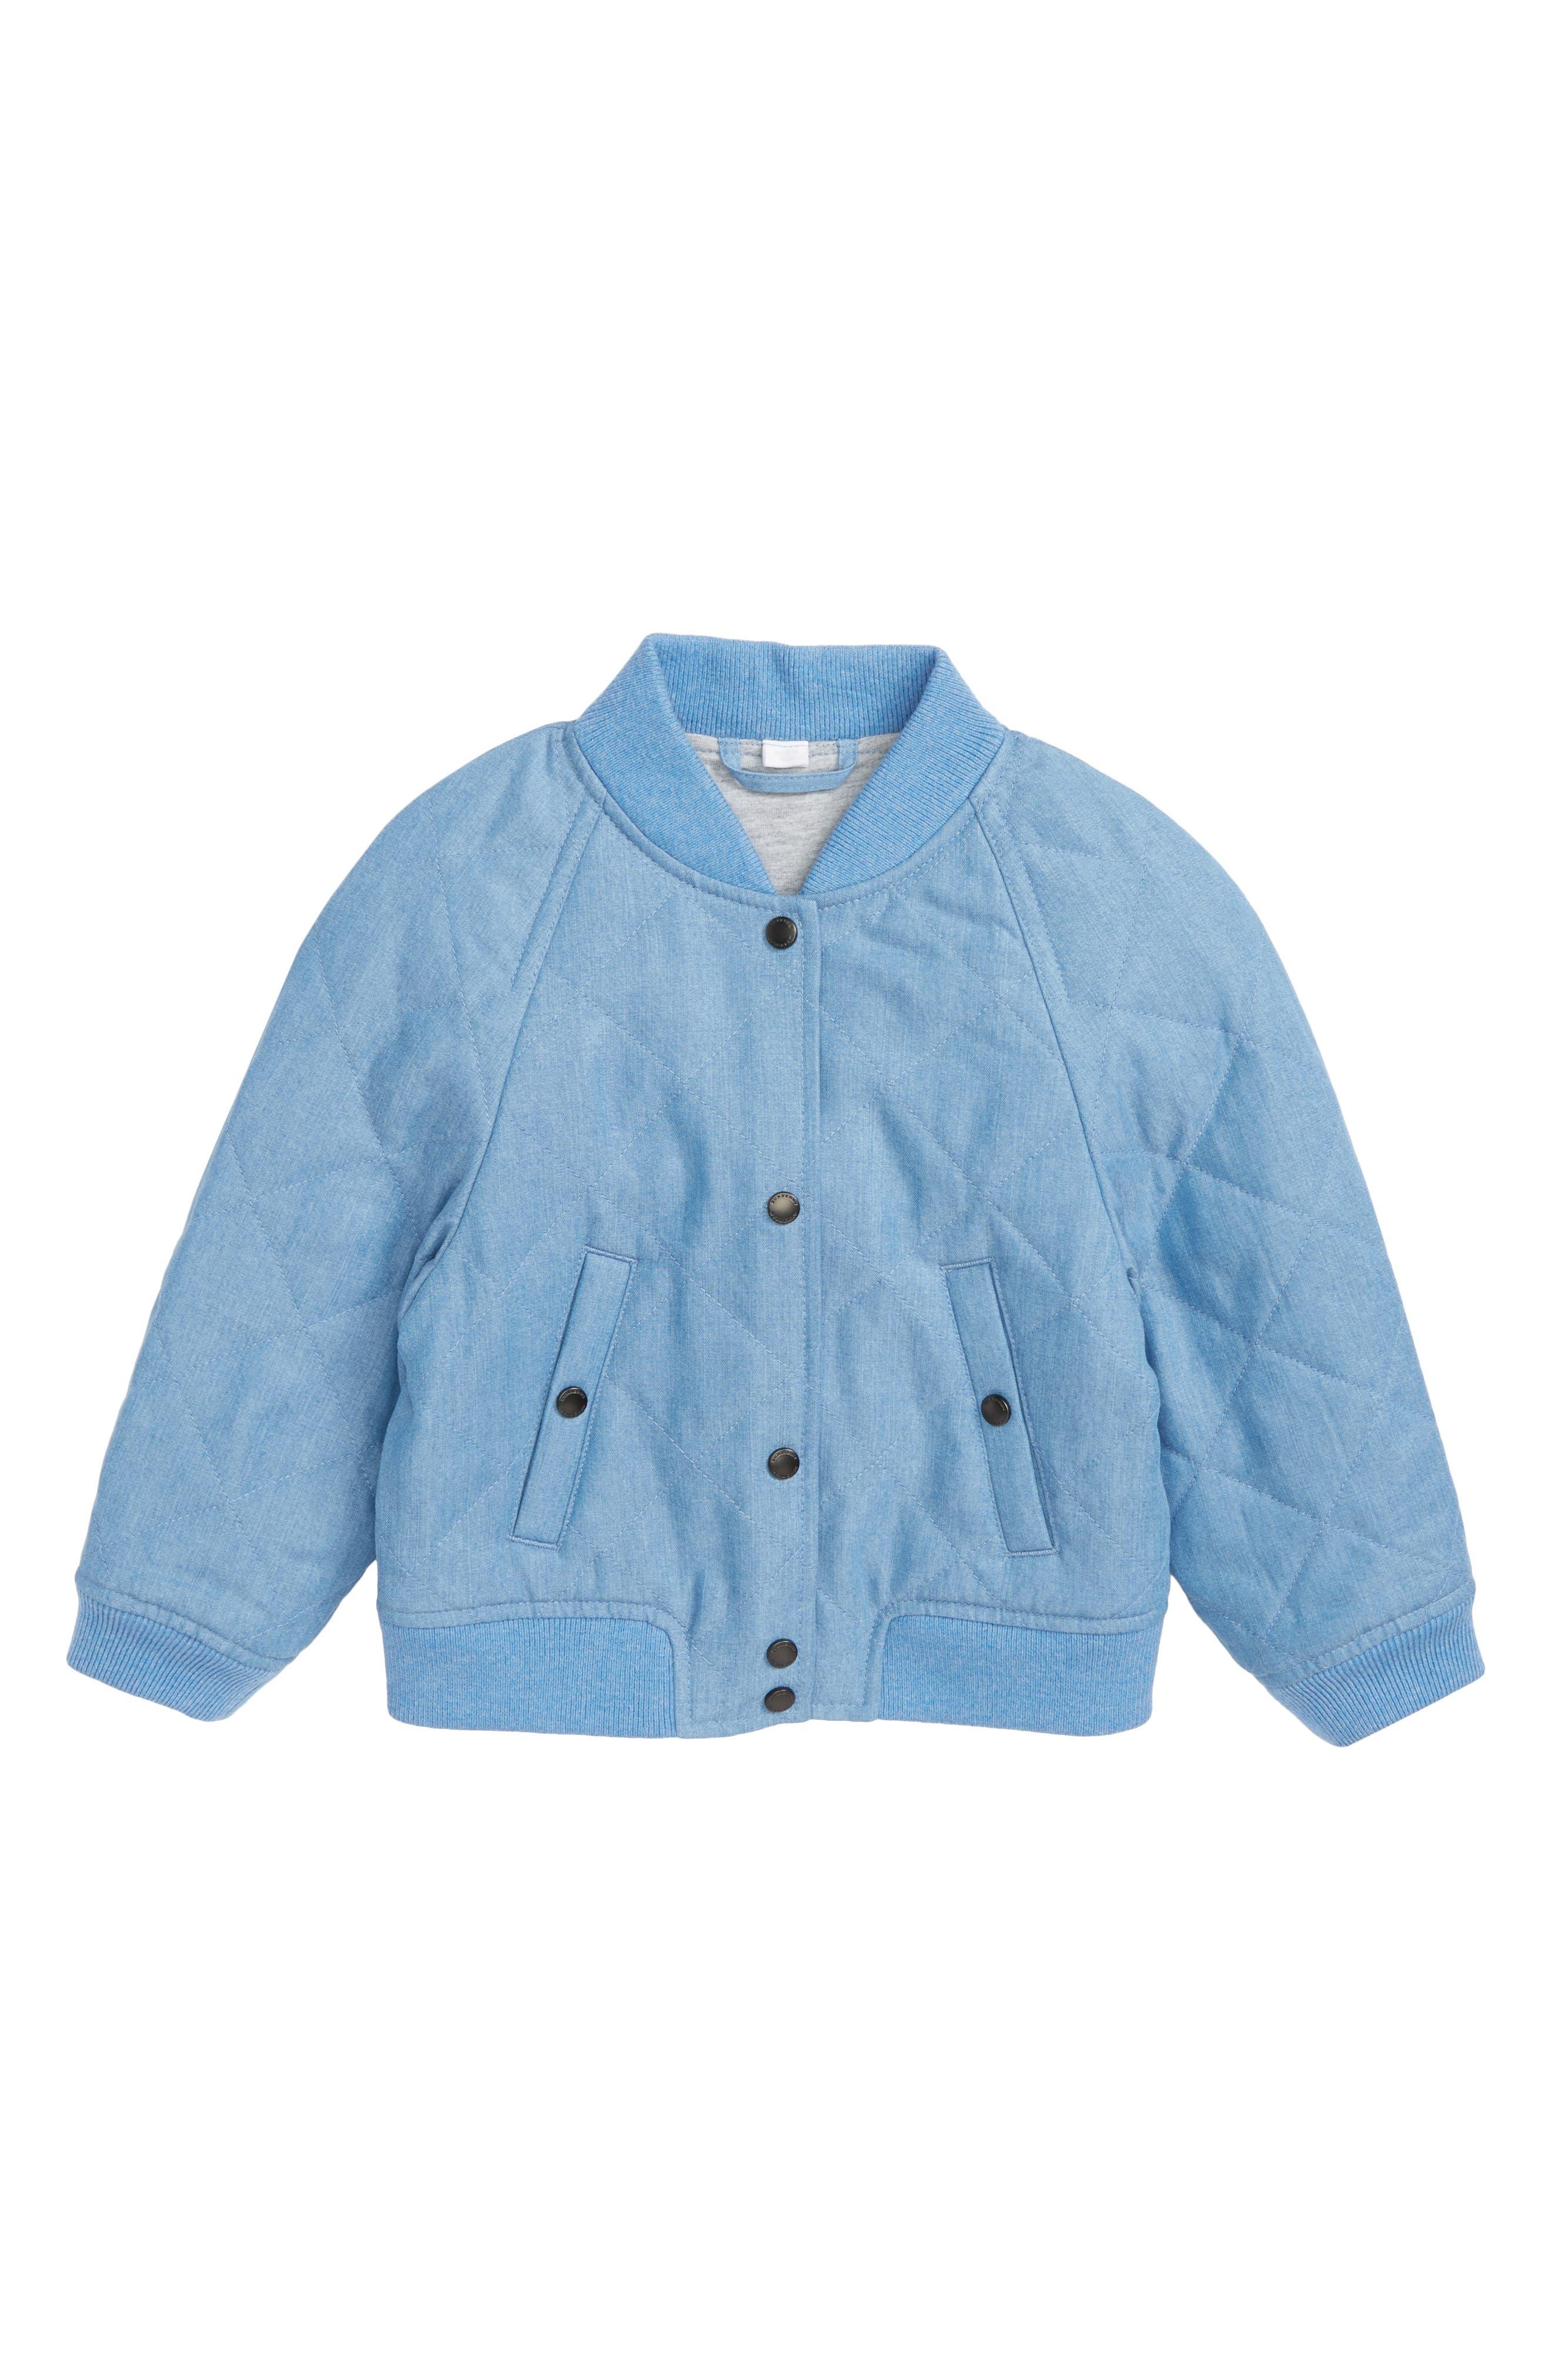 Joelle Quilted Denim Bomber Jacket,                         Main,                         color, Steel Blue